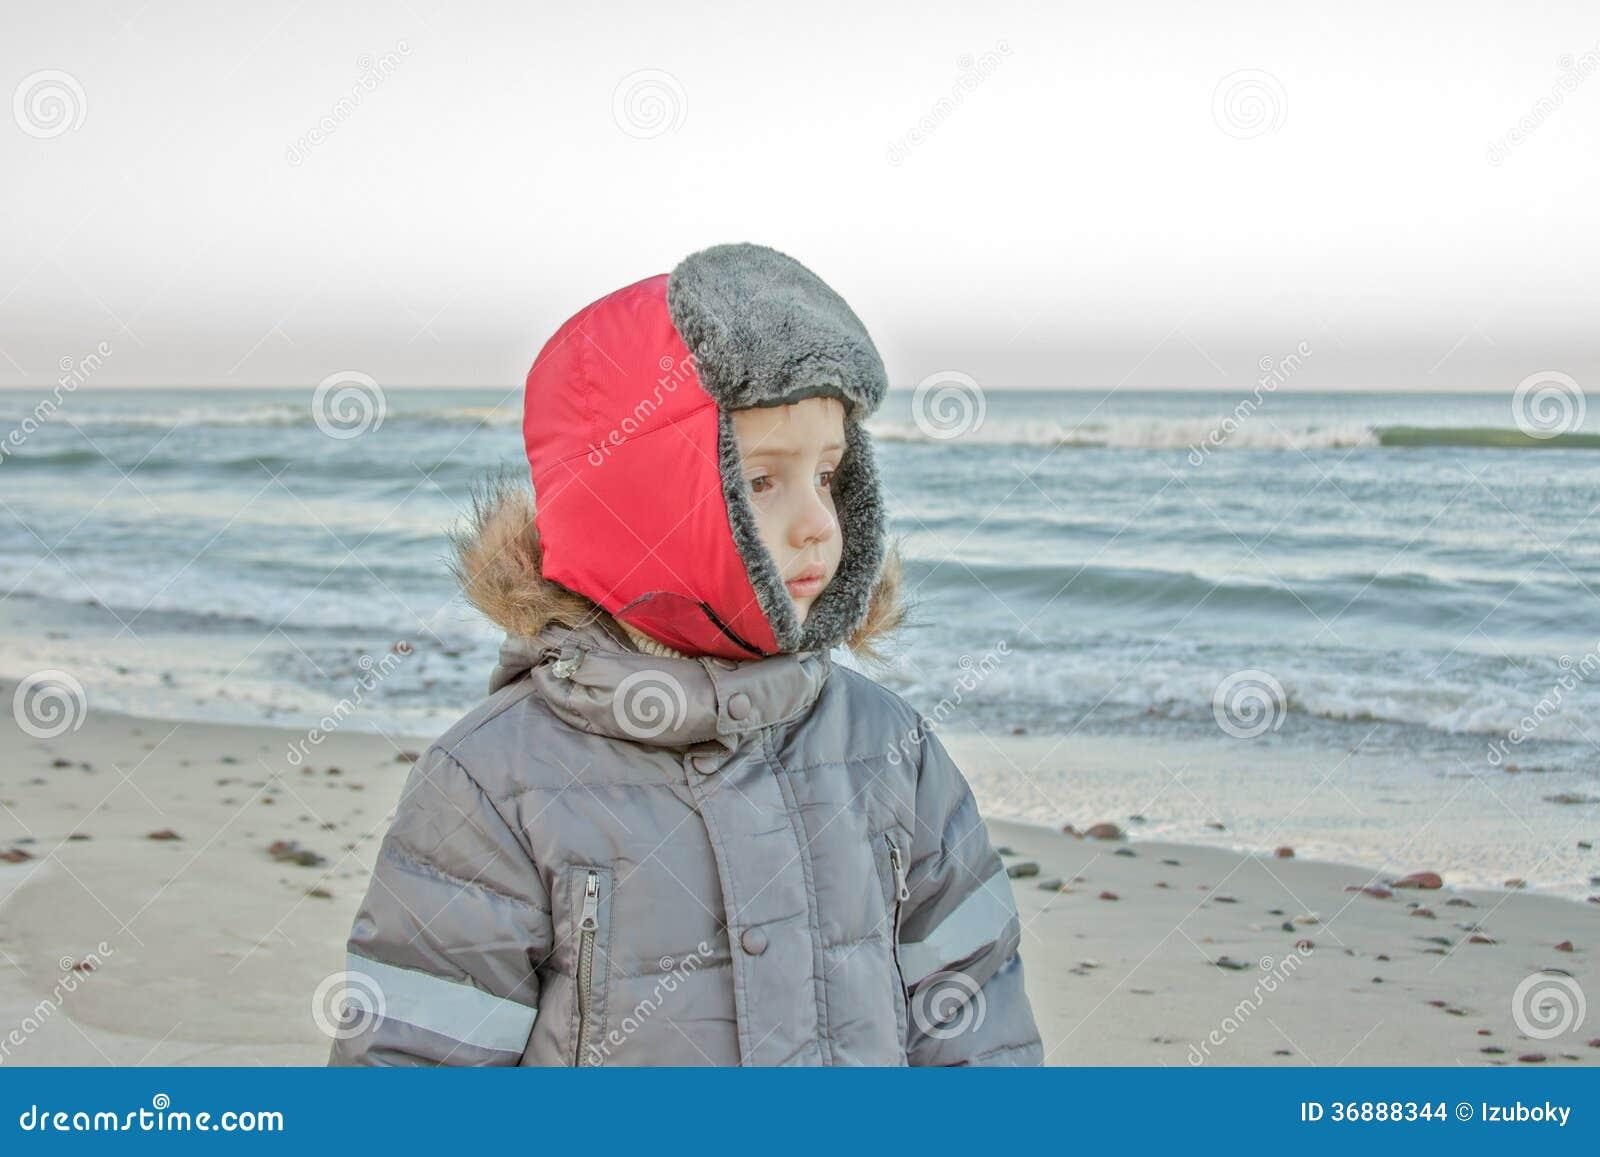 Download Bambino alla spiaggia fotografia stock. Immagine di distanza - 36888344